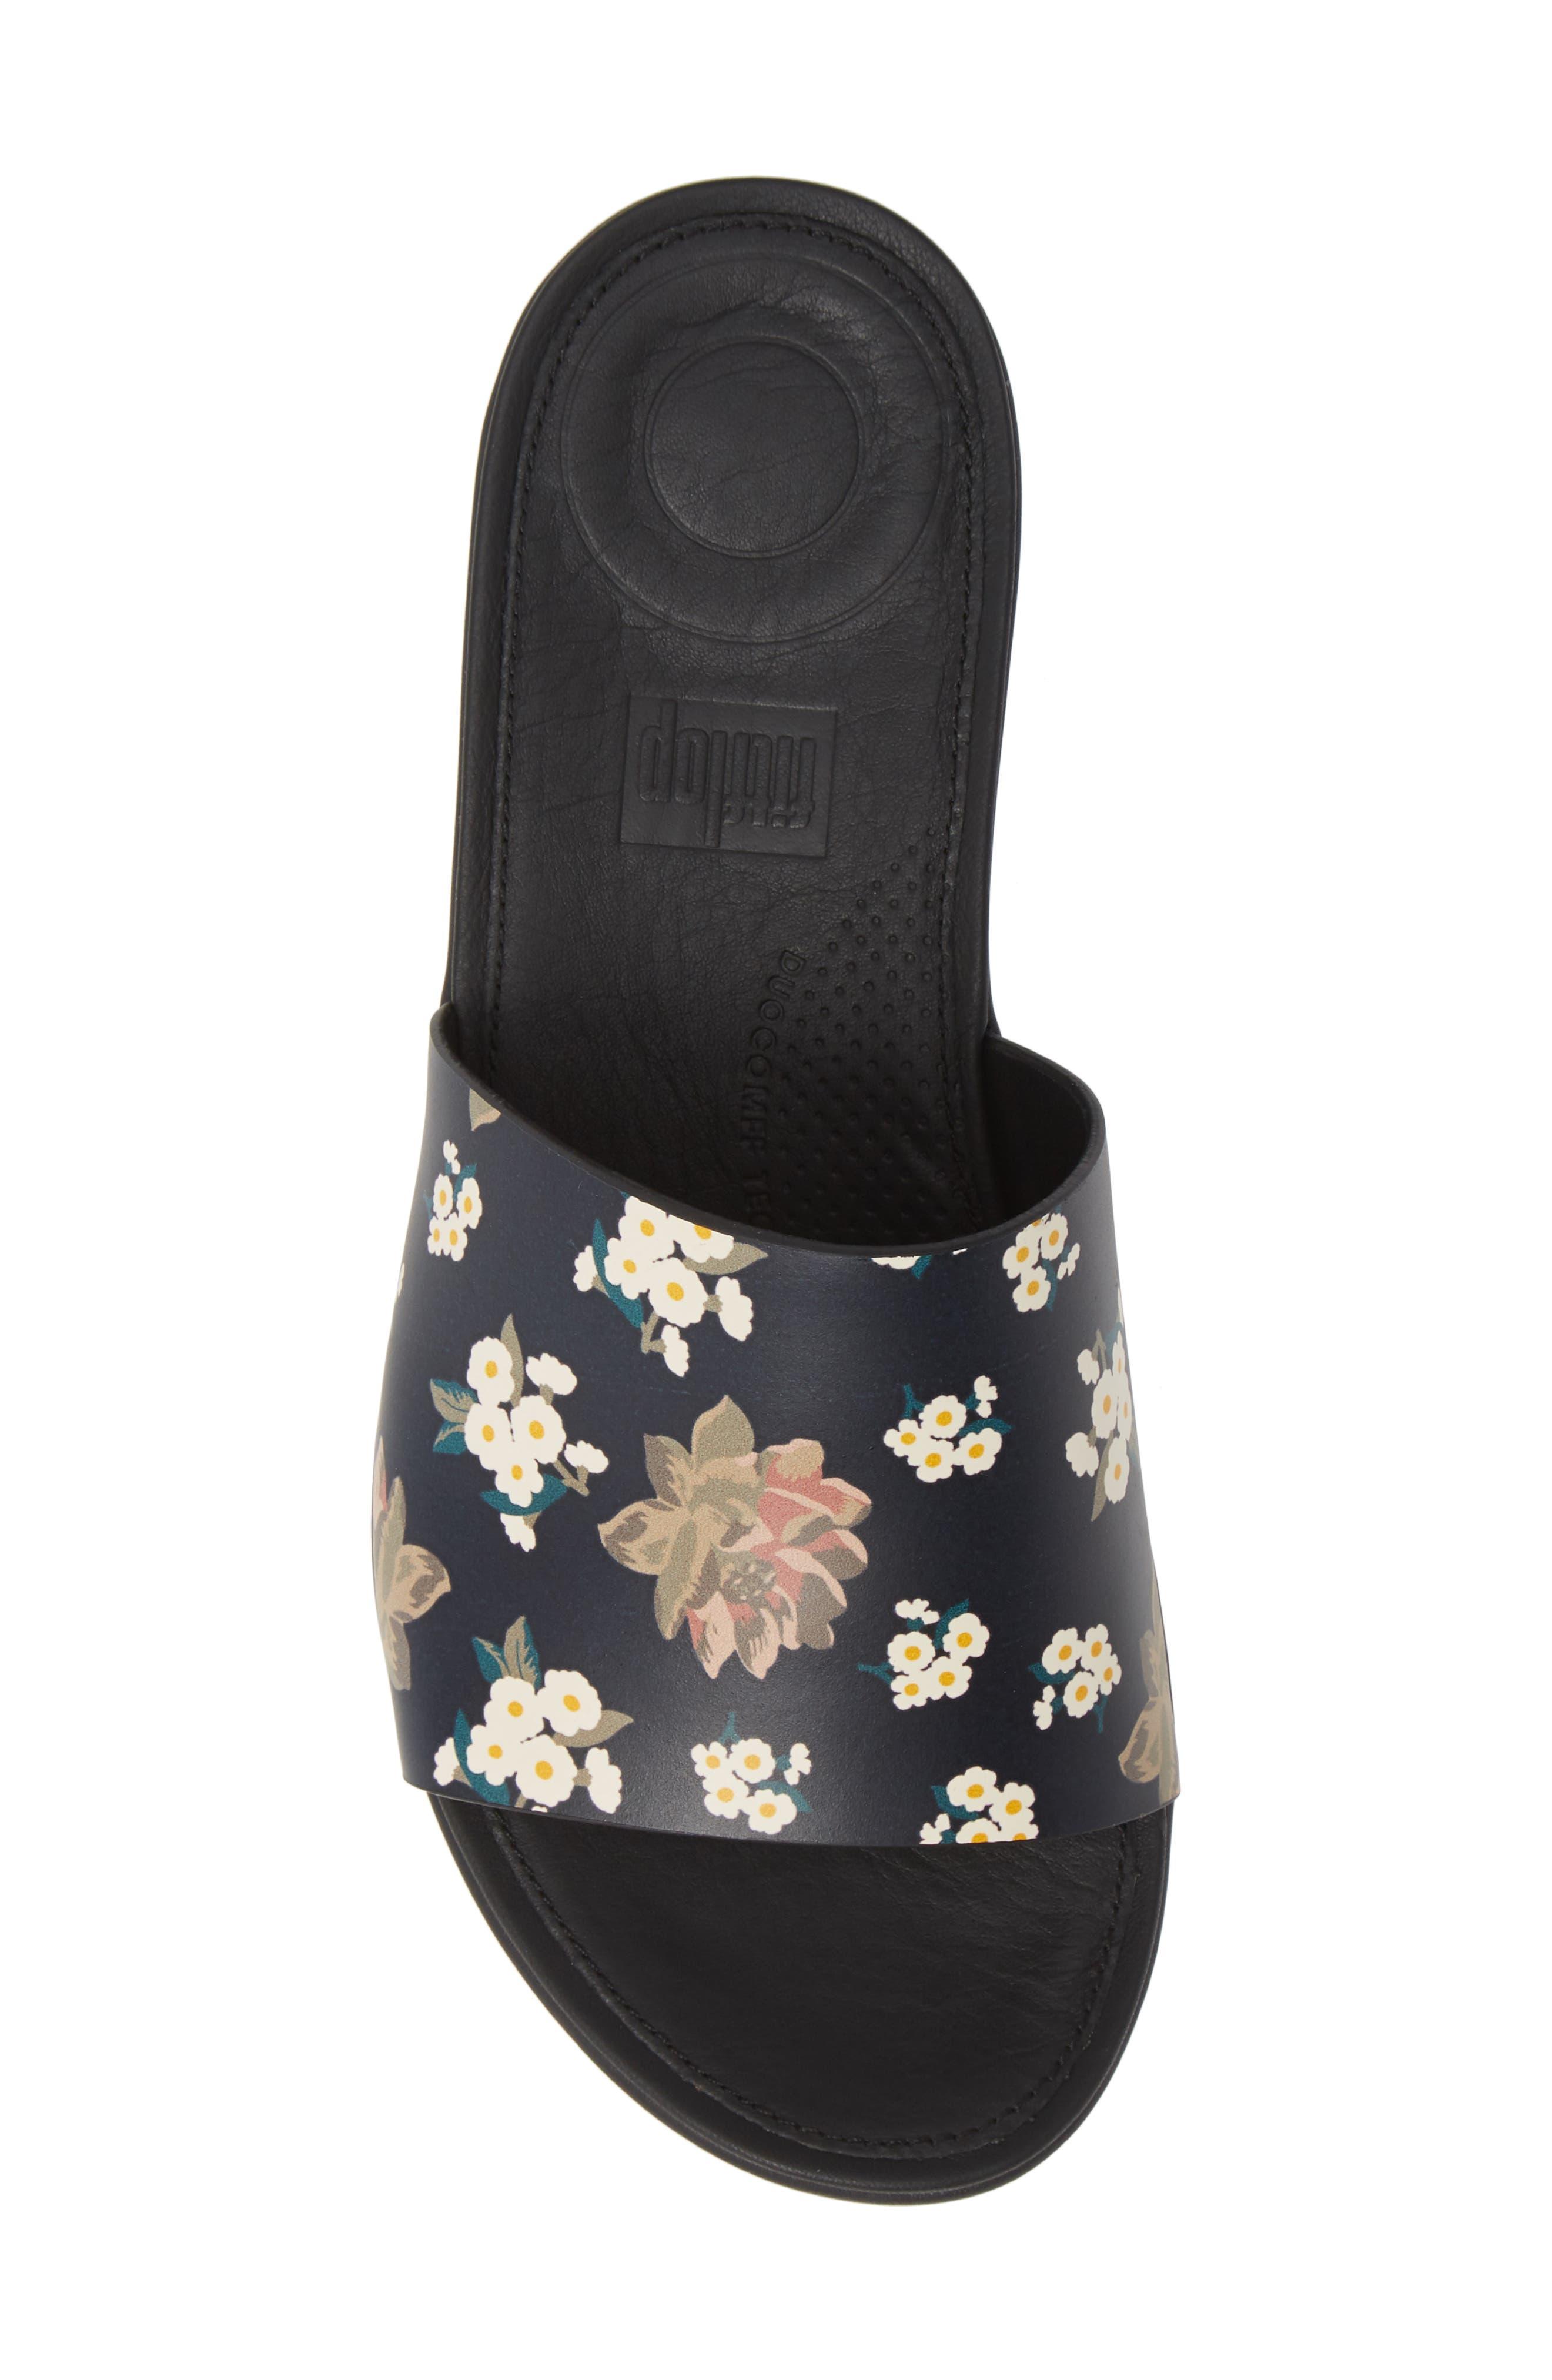 FITFLOP,                             Sola Floral Slide Sandal,                             Alternate thumbnail 5, color,                             001